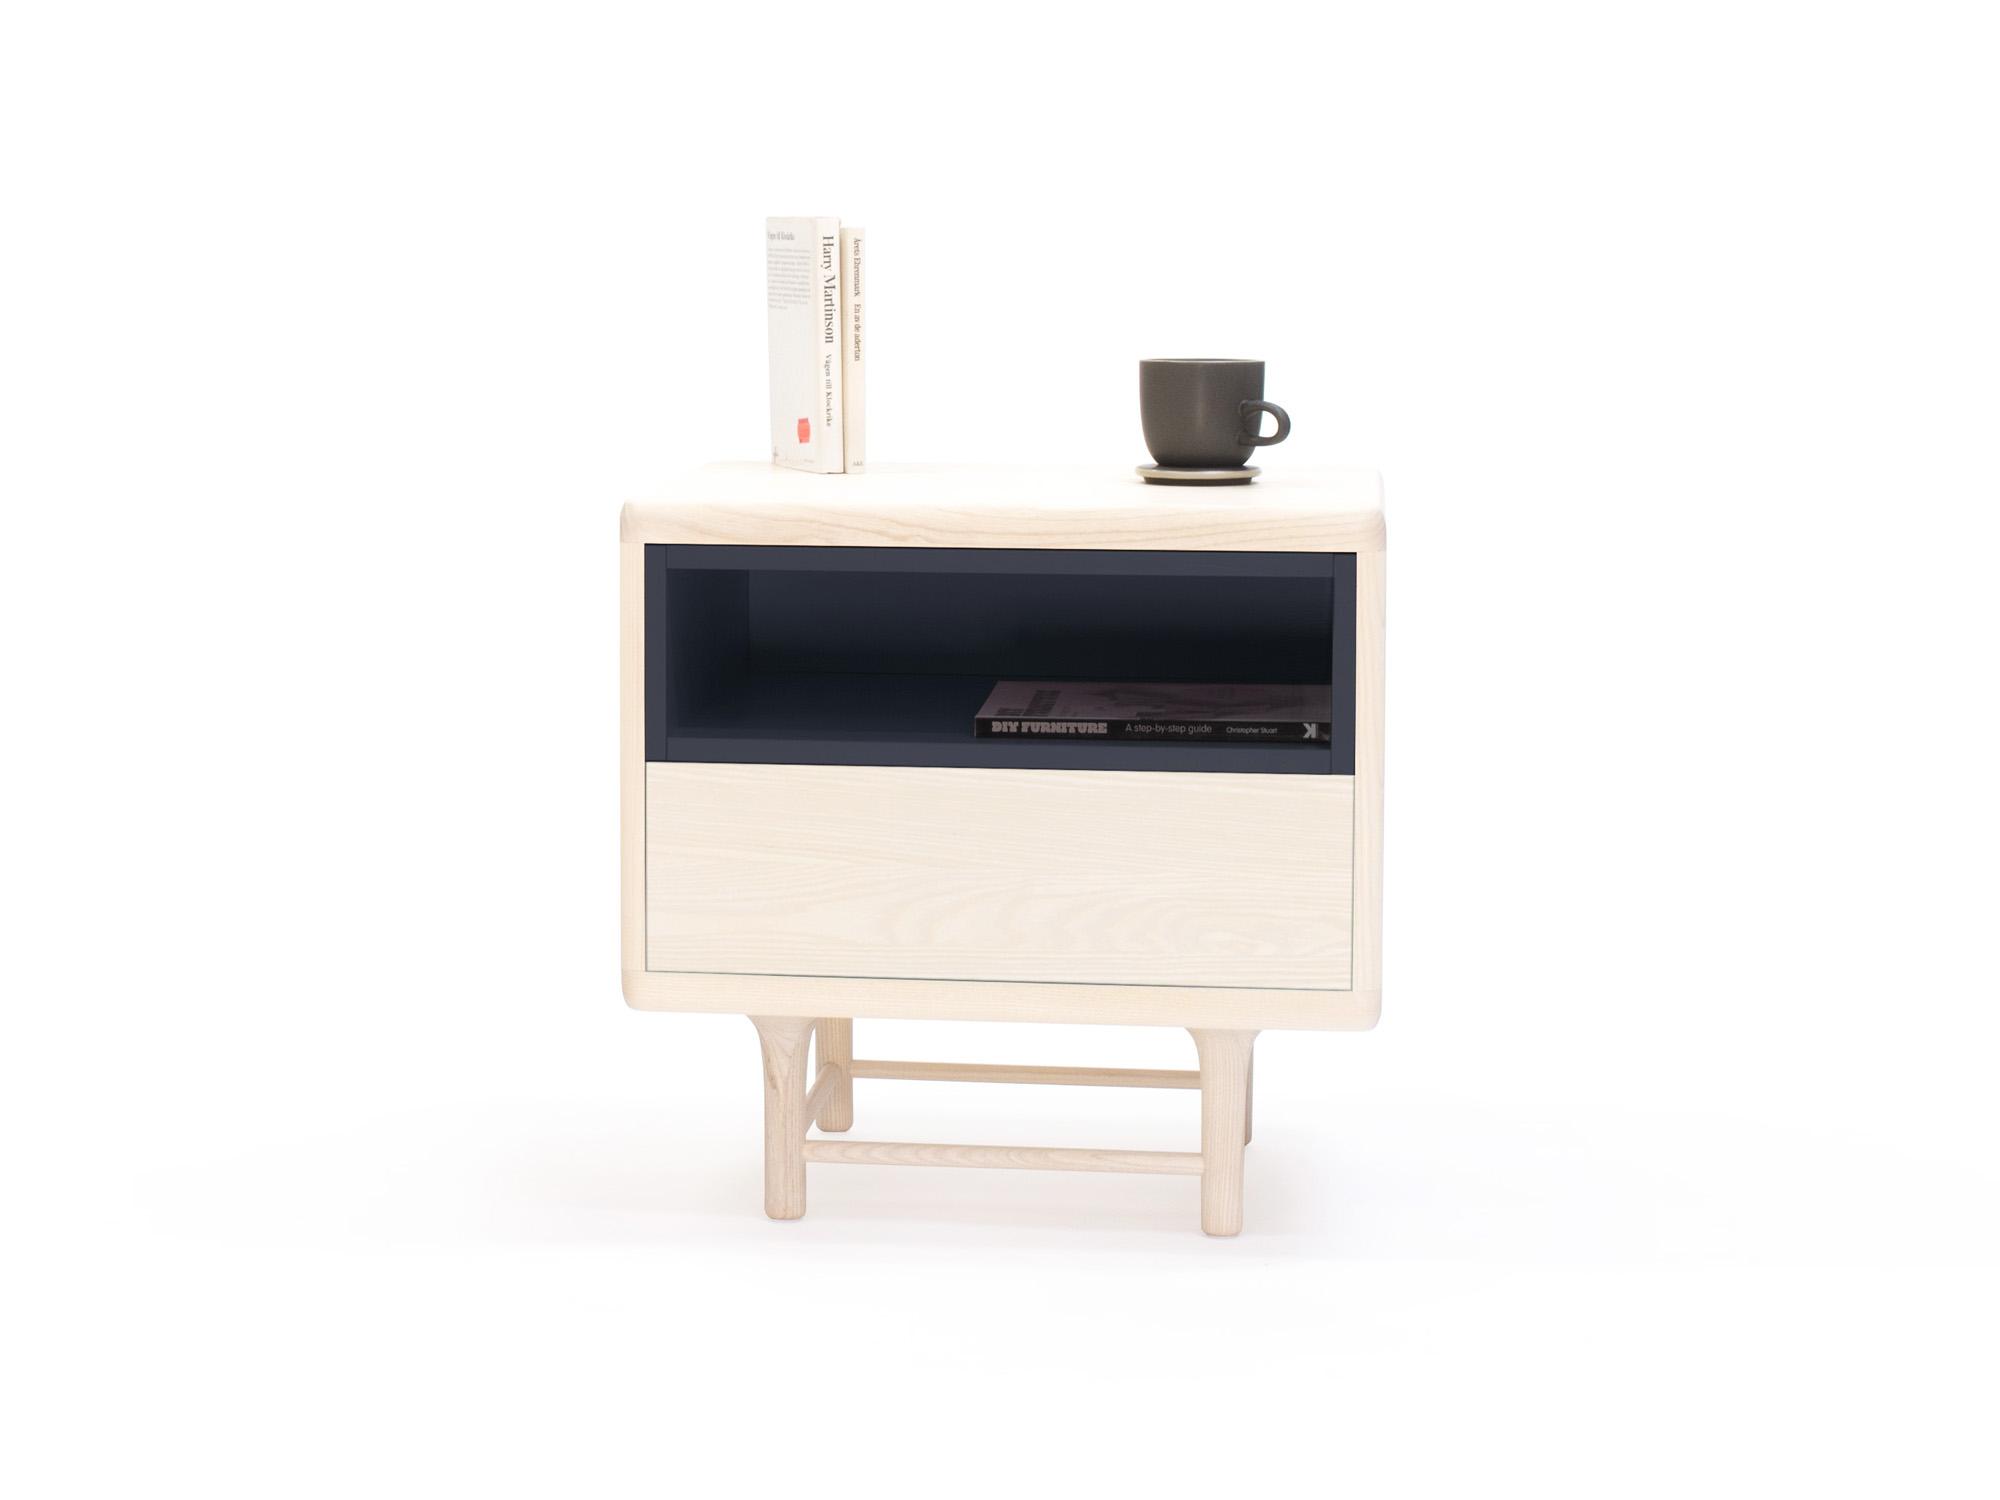 kaaja collection ka-1